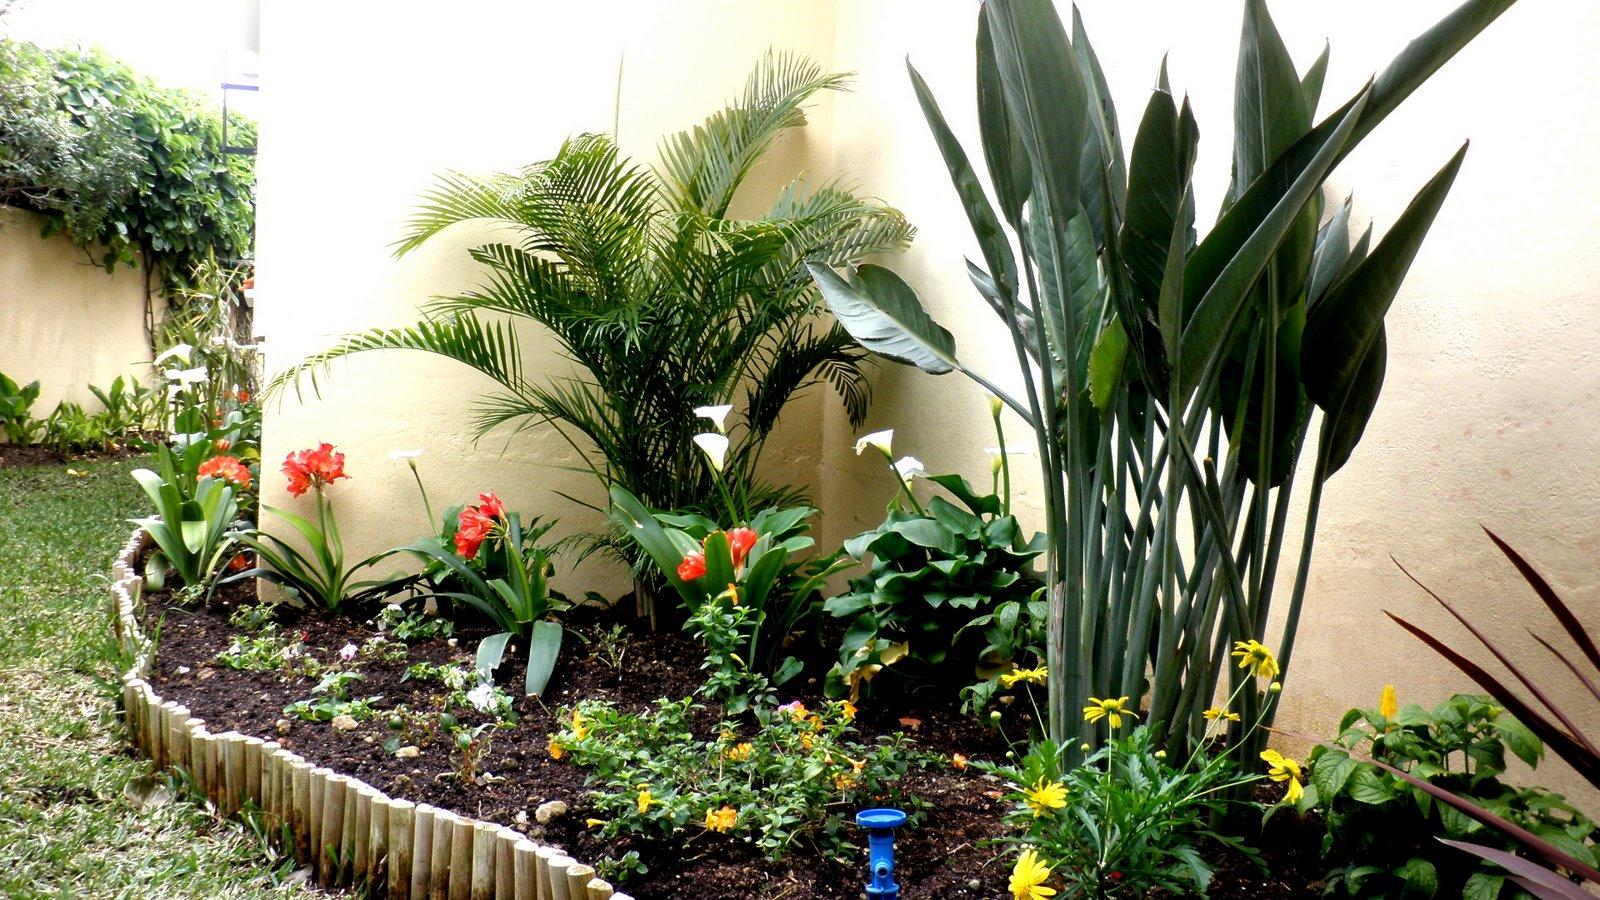 Jardinbio jardin peque o decoracion terminada iii for Como disenar un jardin pequeno